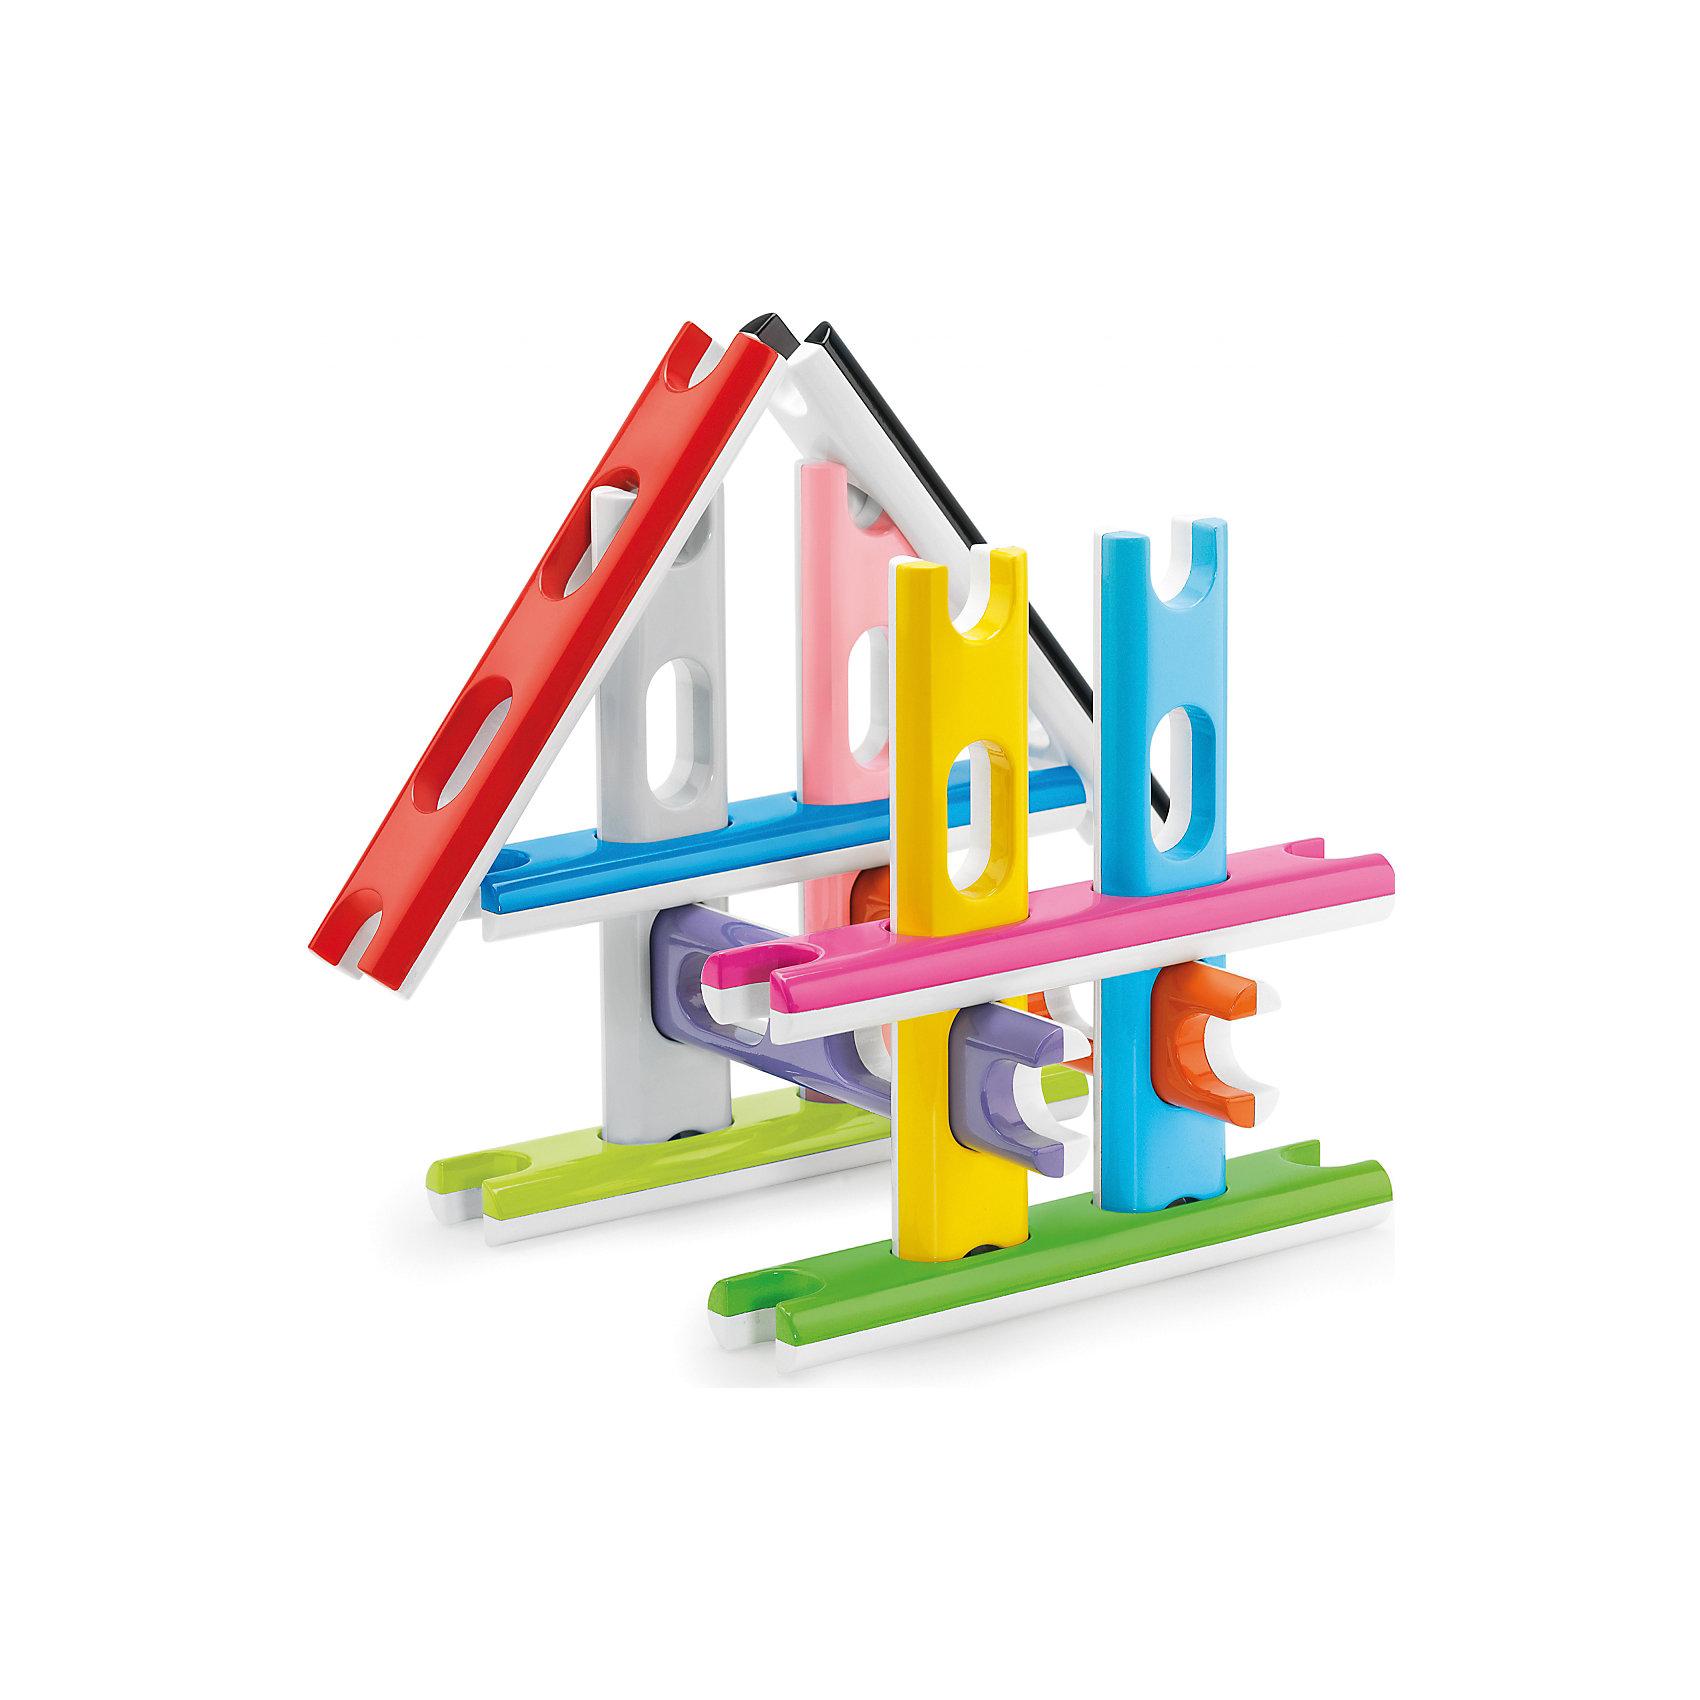 Строительный конструктор для самых маленьких, 12 деталей, QuercettiПластмассовые конструкторы<br>Строительный конструктор для самых маленьких, 12 деталей, Quercetti (Кверсетти).<br><br>Характеристики:<br><br>- В наборе: 12 разноцветных деталей в виде строительных блоков-досок<br>- Материал: высококачественный пластик, окрашенный нетоксичными красками<br>- Упаковка: картонная коробка<br>- Размер упаковки: 30 х 30 х 4 см.<br>- Вес: 1250 гр.<br><br>Строительный конструктор Quercetti (Кверсетти), несомненно, заинтересует вашего малыша. Он разработан специально для самых маленьких детей. Каждая из деталей конструктора имеет по два отверстия, с помощью которых можно закреплять другие детали в разных плоскостях. Края деталей имеют выемки, с помощью которых элементы соединяются в длину, в одной плоскости. Ваш малыш сможет создать самые простые конструкции, не требующие соединения деталей, такие как: заборчик или геометрические фигуры в одной плоскости, можно построить дорогу или небоскреб. Продевая детали, сквозь специальные отверстия, можно создавать объемные конструкции, такие как куб или домик. Строительный конструктор для самых маленьких активизирует мыслительный процесс, развивает воображение, внимание, цветовосприятие, знакомит с понятиями плоскость и объем. Удобные детали изготовлены из безопасного пластика, окрашены нетоксичными гипоаллергенными красками, легко моются.<br><br>Строительный конструктор для самых маленьких, 12 деталей, Quercetti (Кверсетти) можно купить в нашем интернет-магазине.<br><br>Ширина мм: 300<br>Глубина мм: 40<br>Высота мм: 300<br>Вес г: 745<br>Возраст от месяцев: 60<br>Возраст до месяцев: 2147483647<br>Пол: Унисекс<br>Возраст: Детский<br>SKU: 5140069